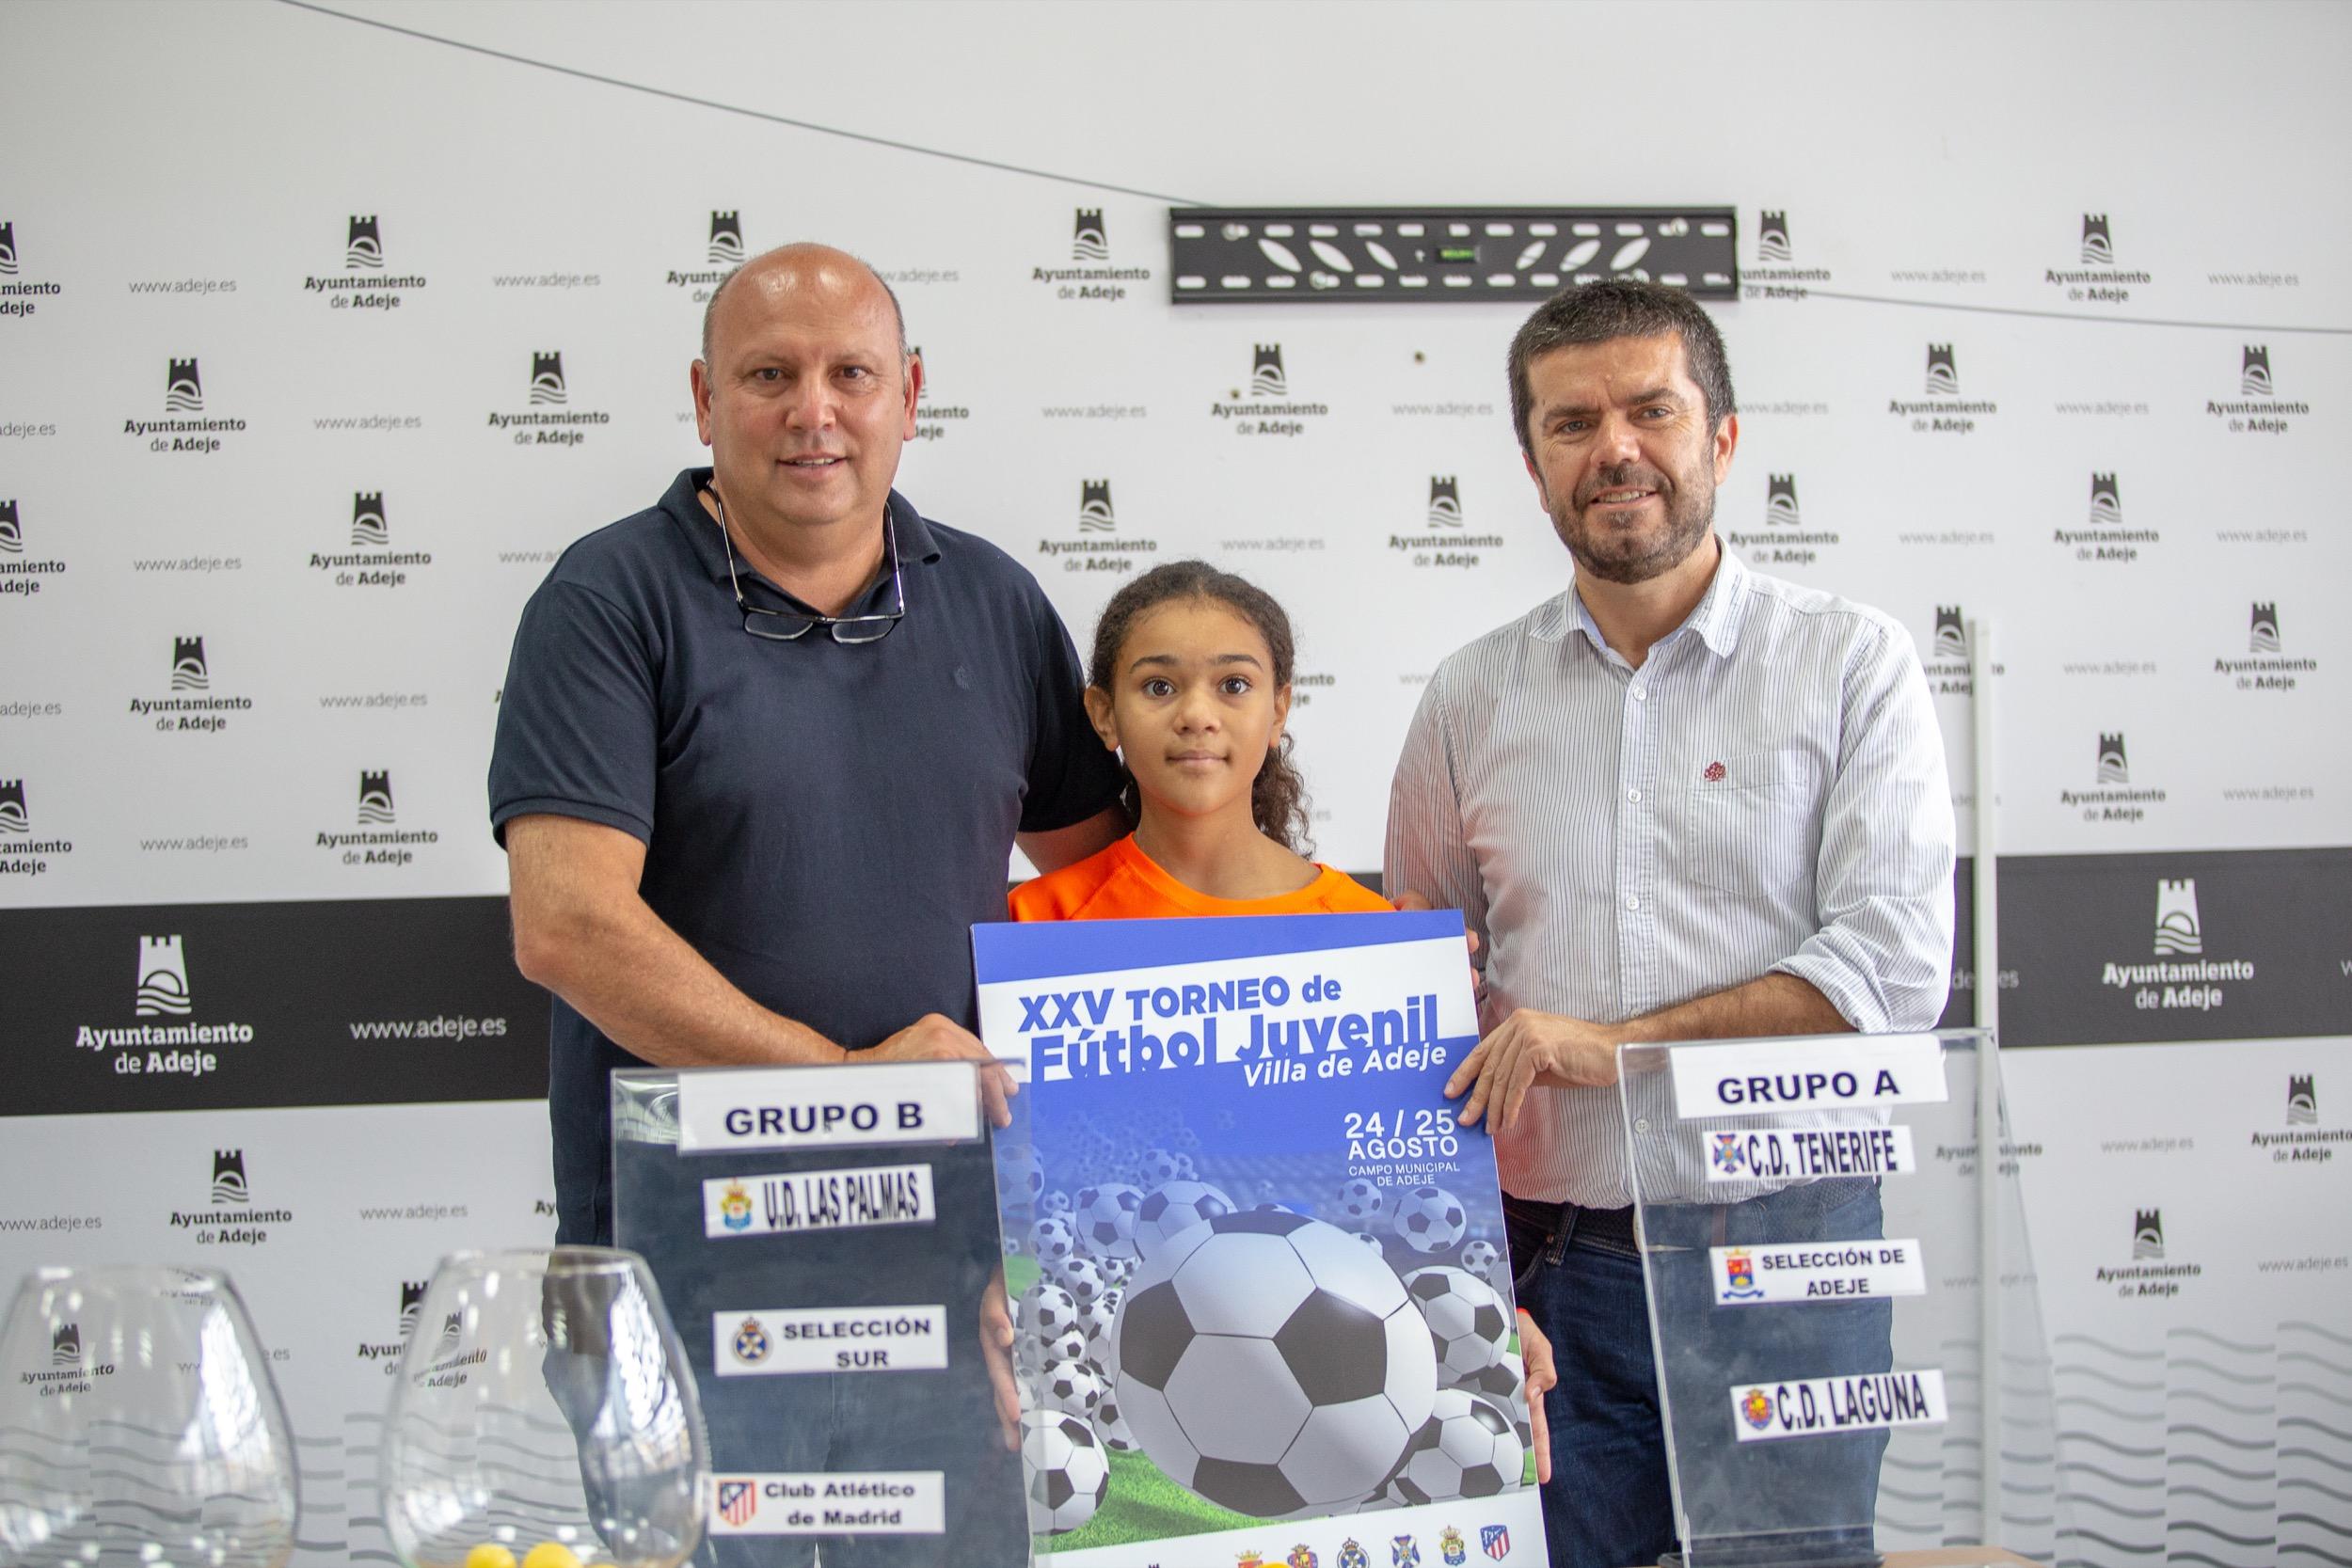 El Torneo de Fútbol Villa de Adeje cumple 25 años de historia